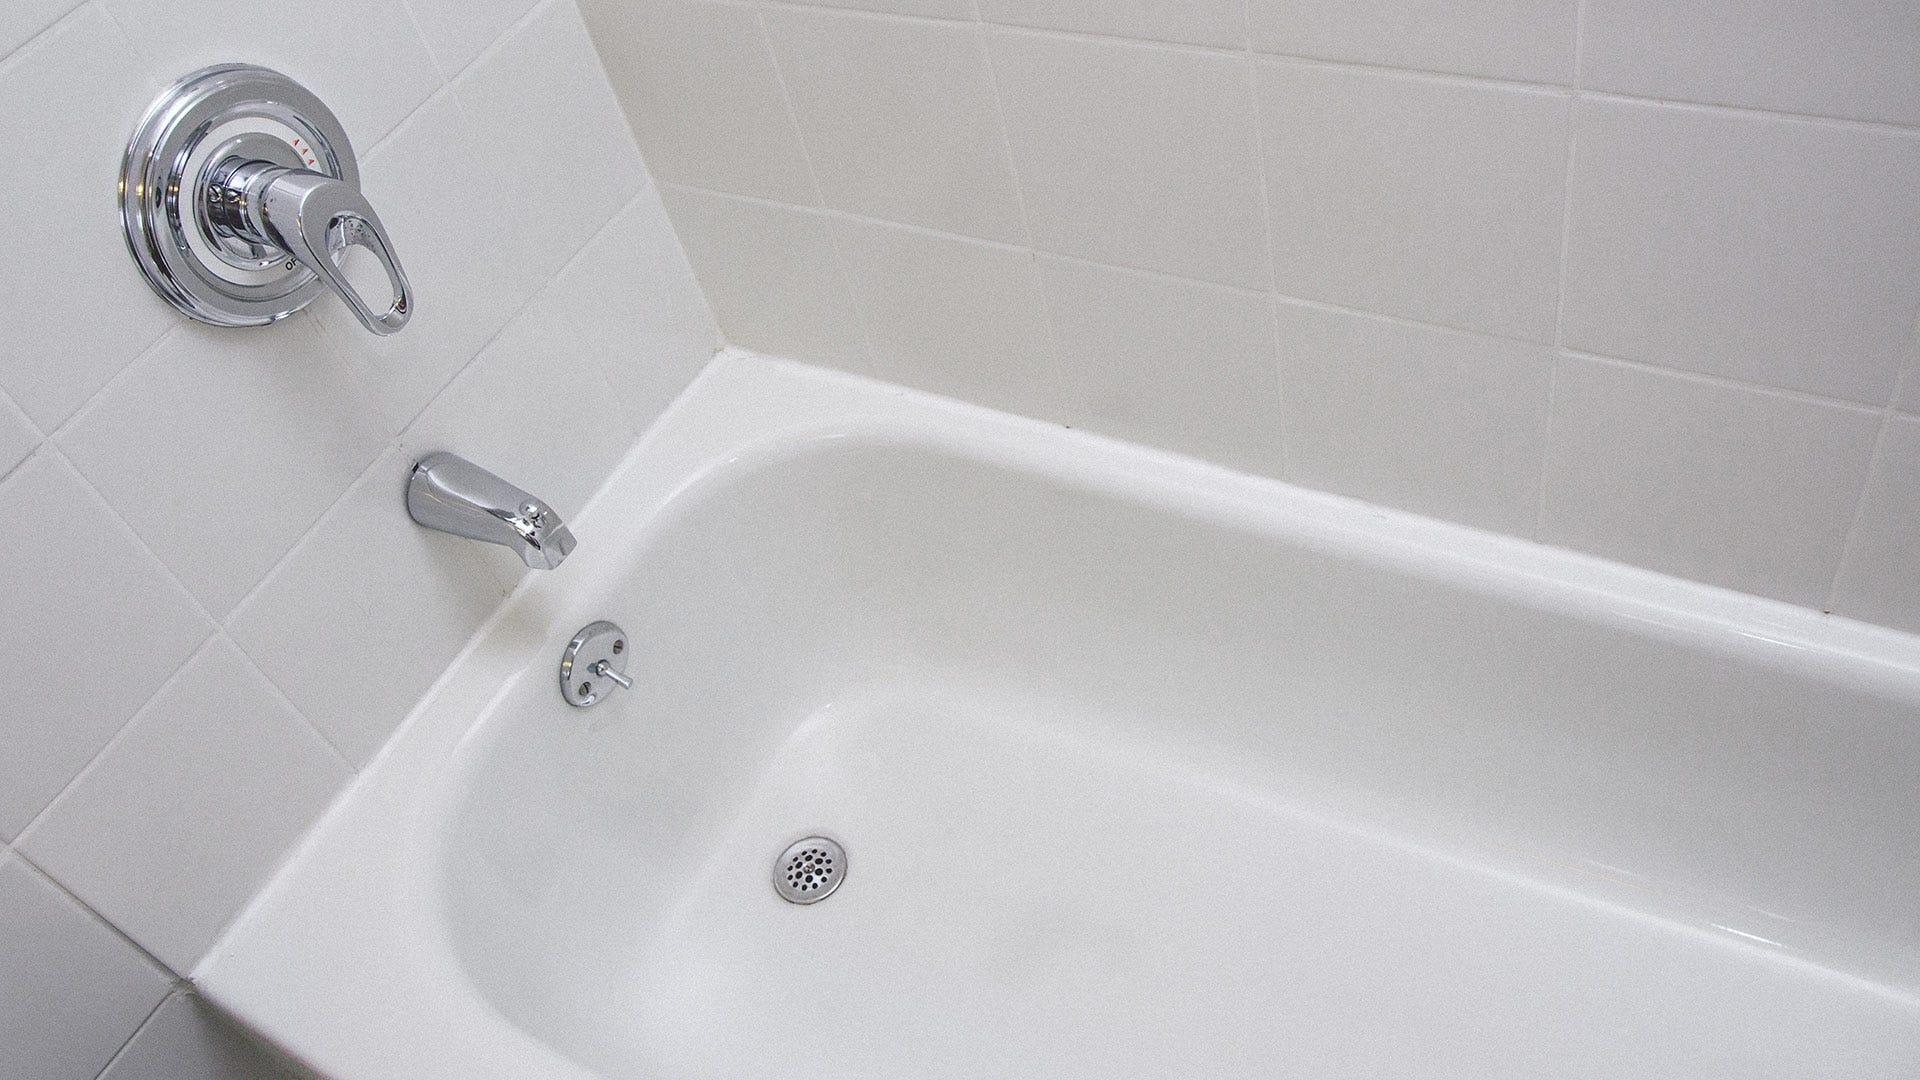 A clean white porcelain tub.